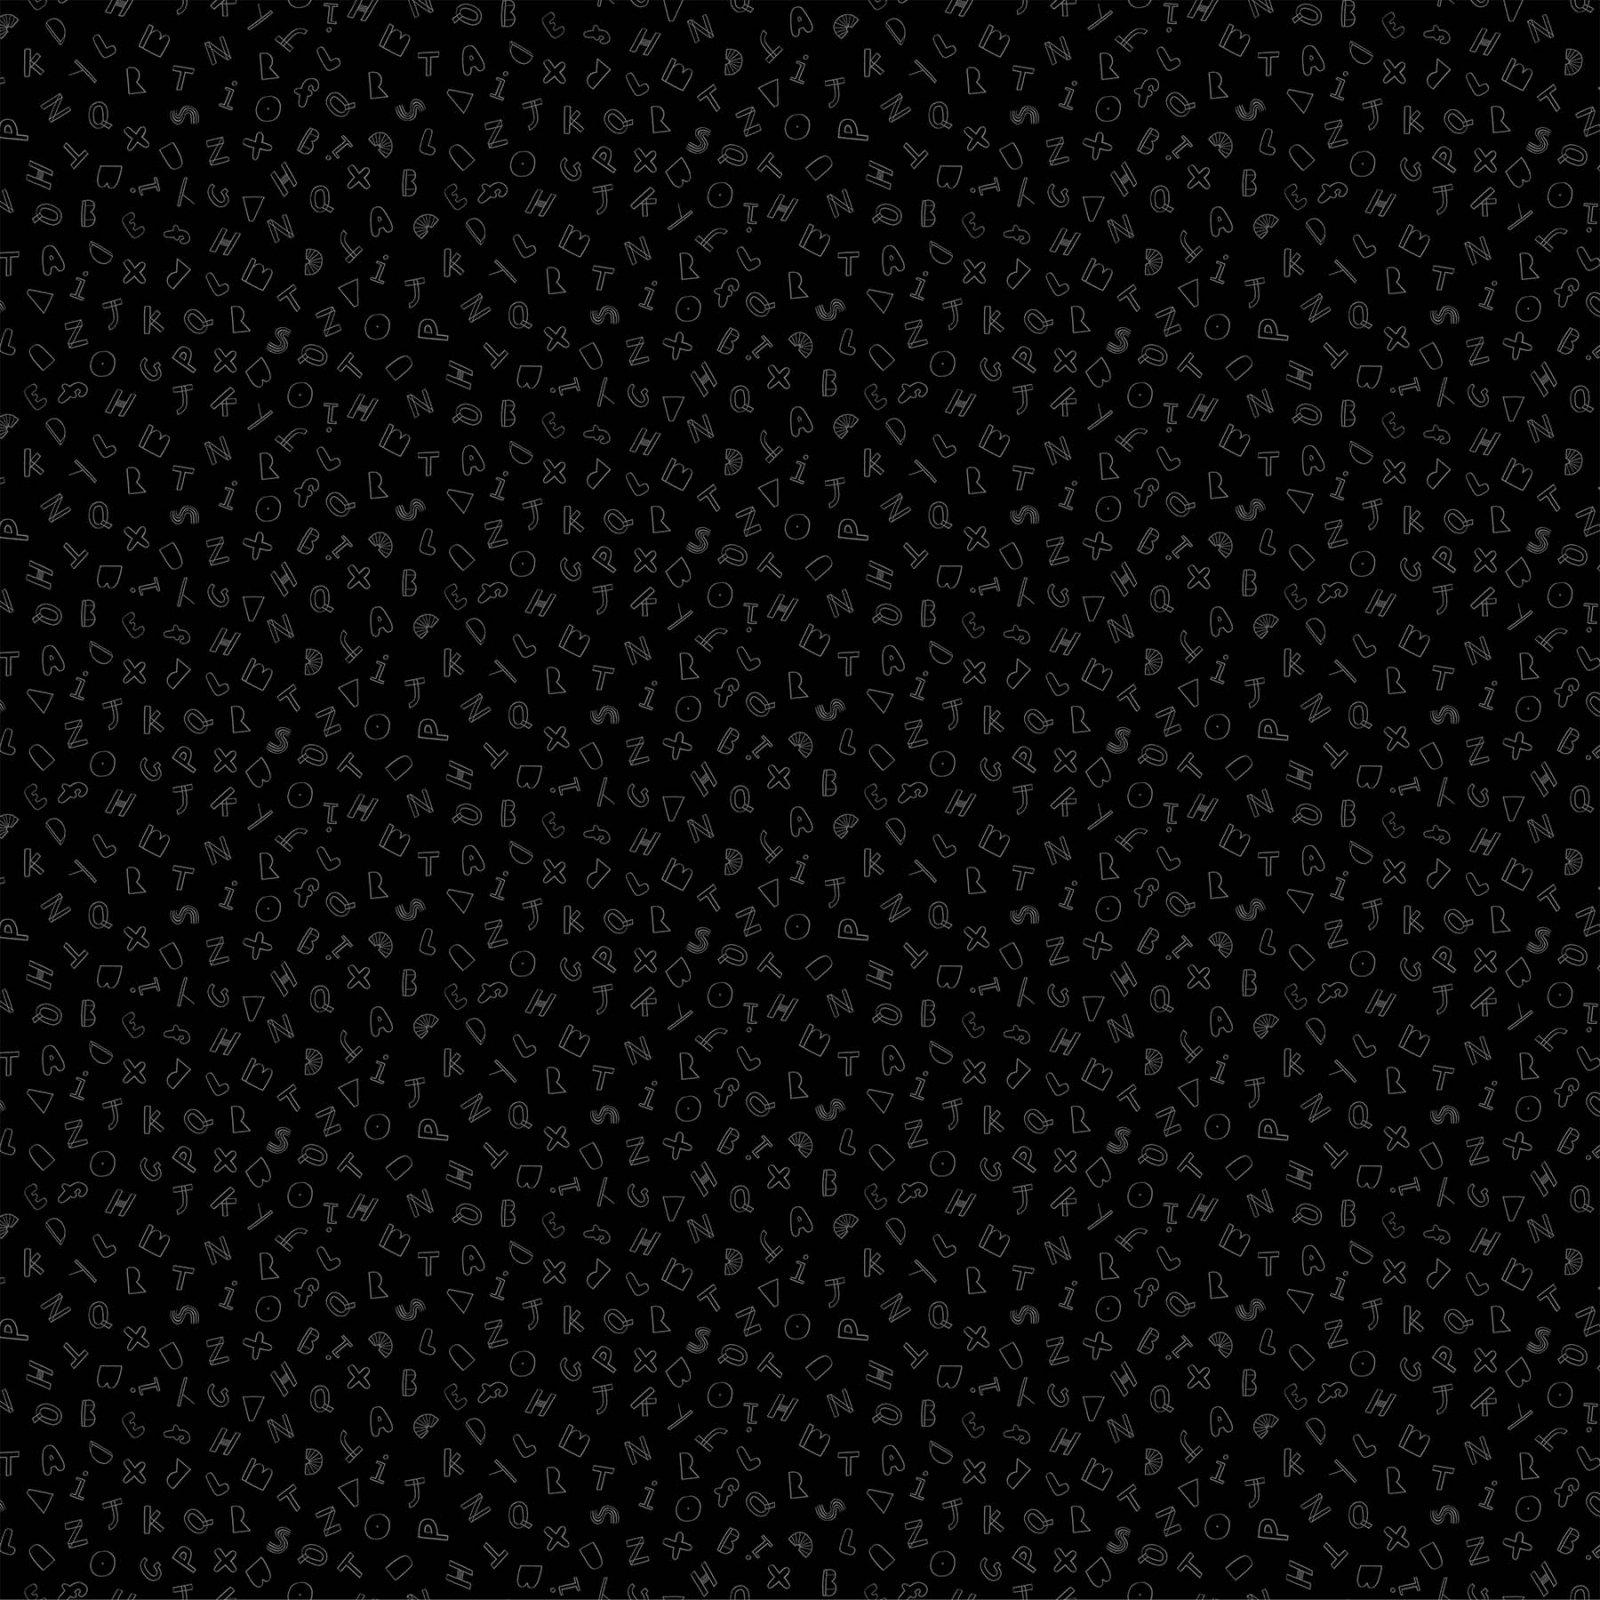 Book Club Alpha in Black